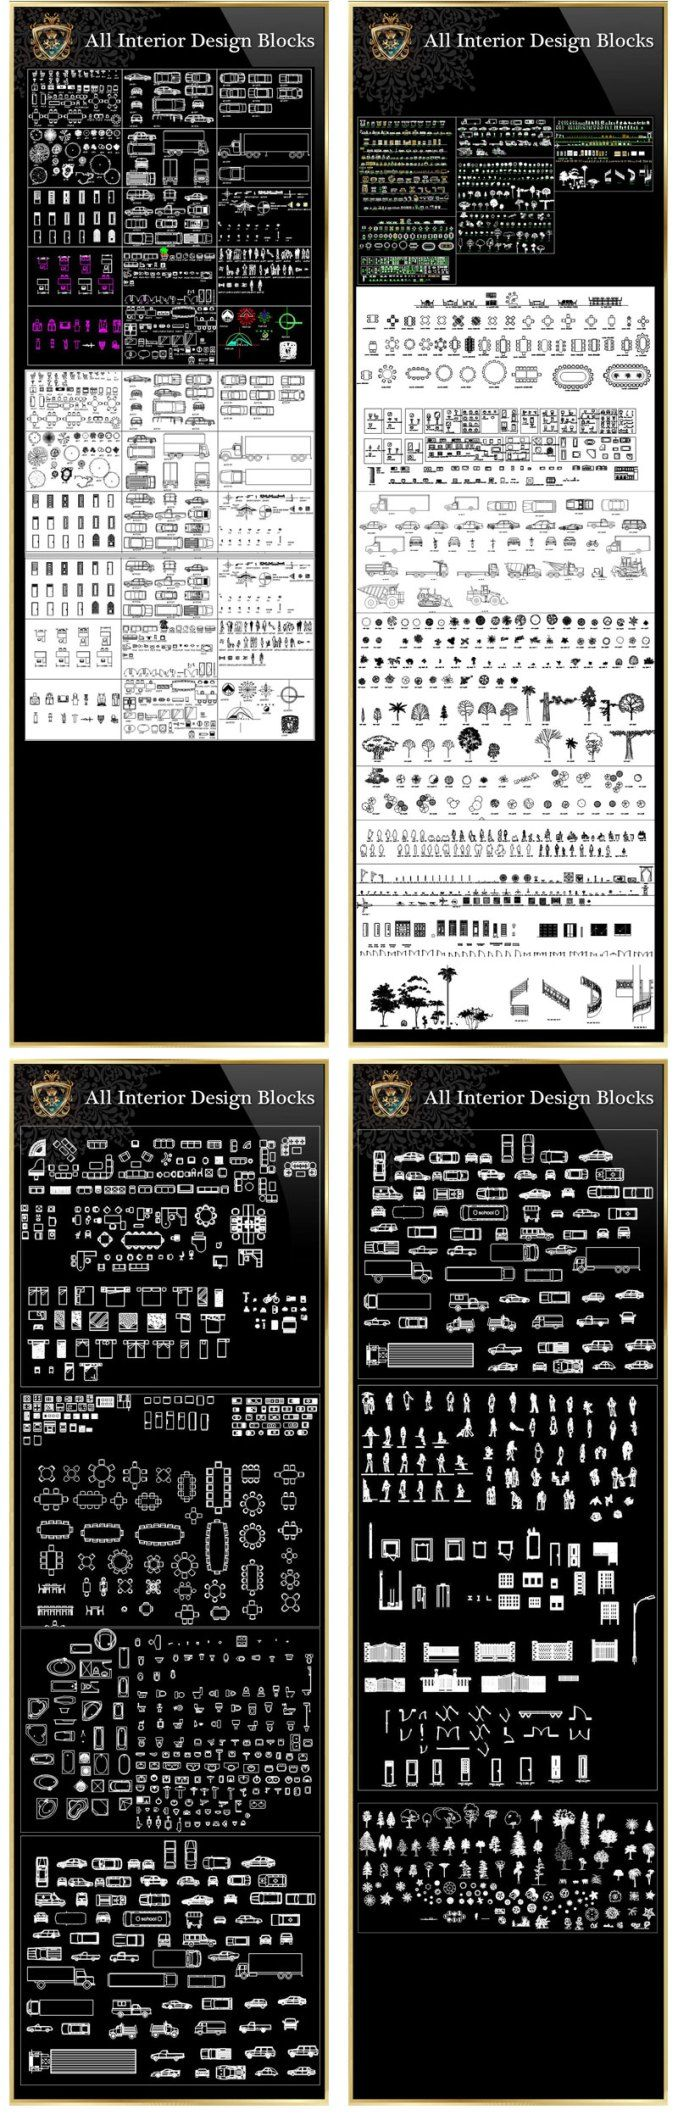 【Architektonische CAD-Zeichnungen Bundle】 (Best Collections !!) | Kostenlose Cad-Blöcke & Zeichnungen Download Datenbank